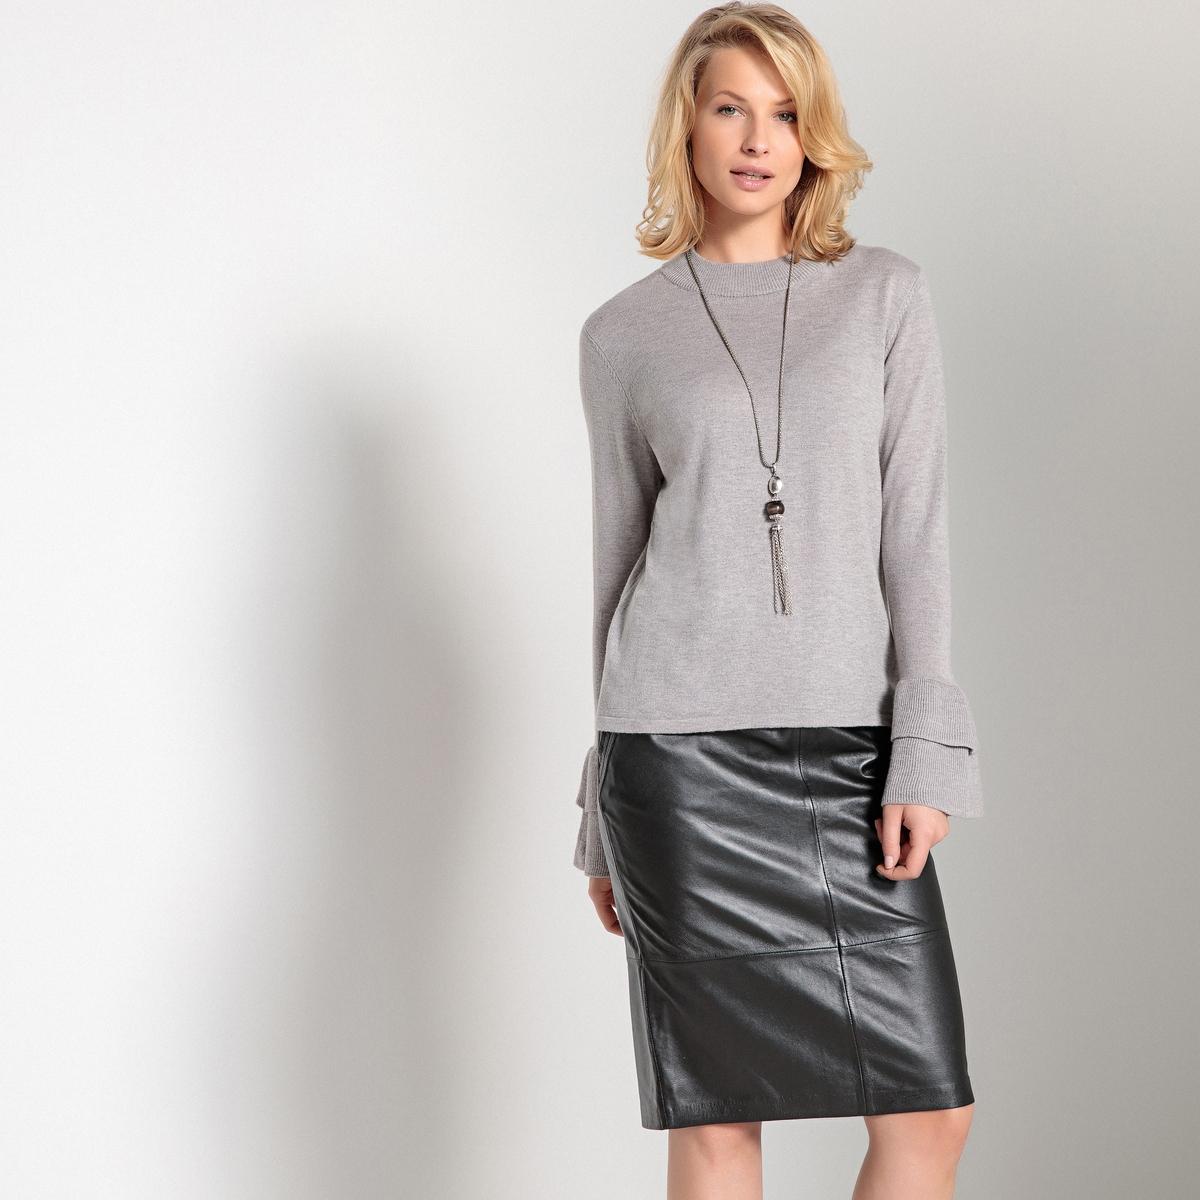 Пуловер с воротником-стойкой и рукавами с воланами из тонкого трикотажа msgm топ с крупными воланами